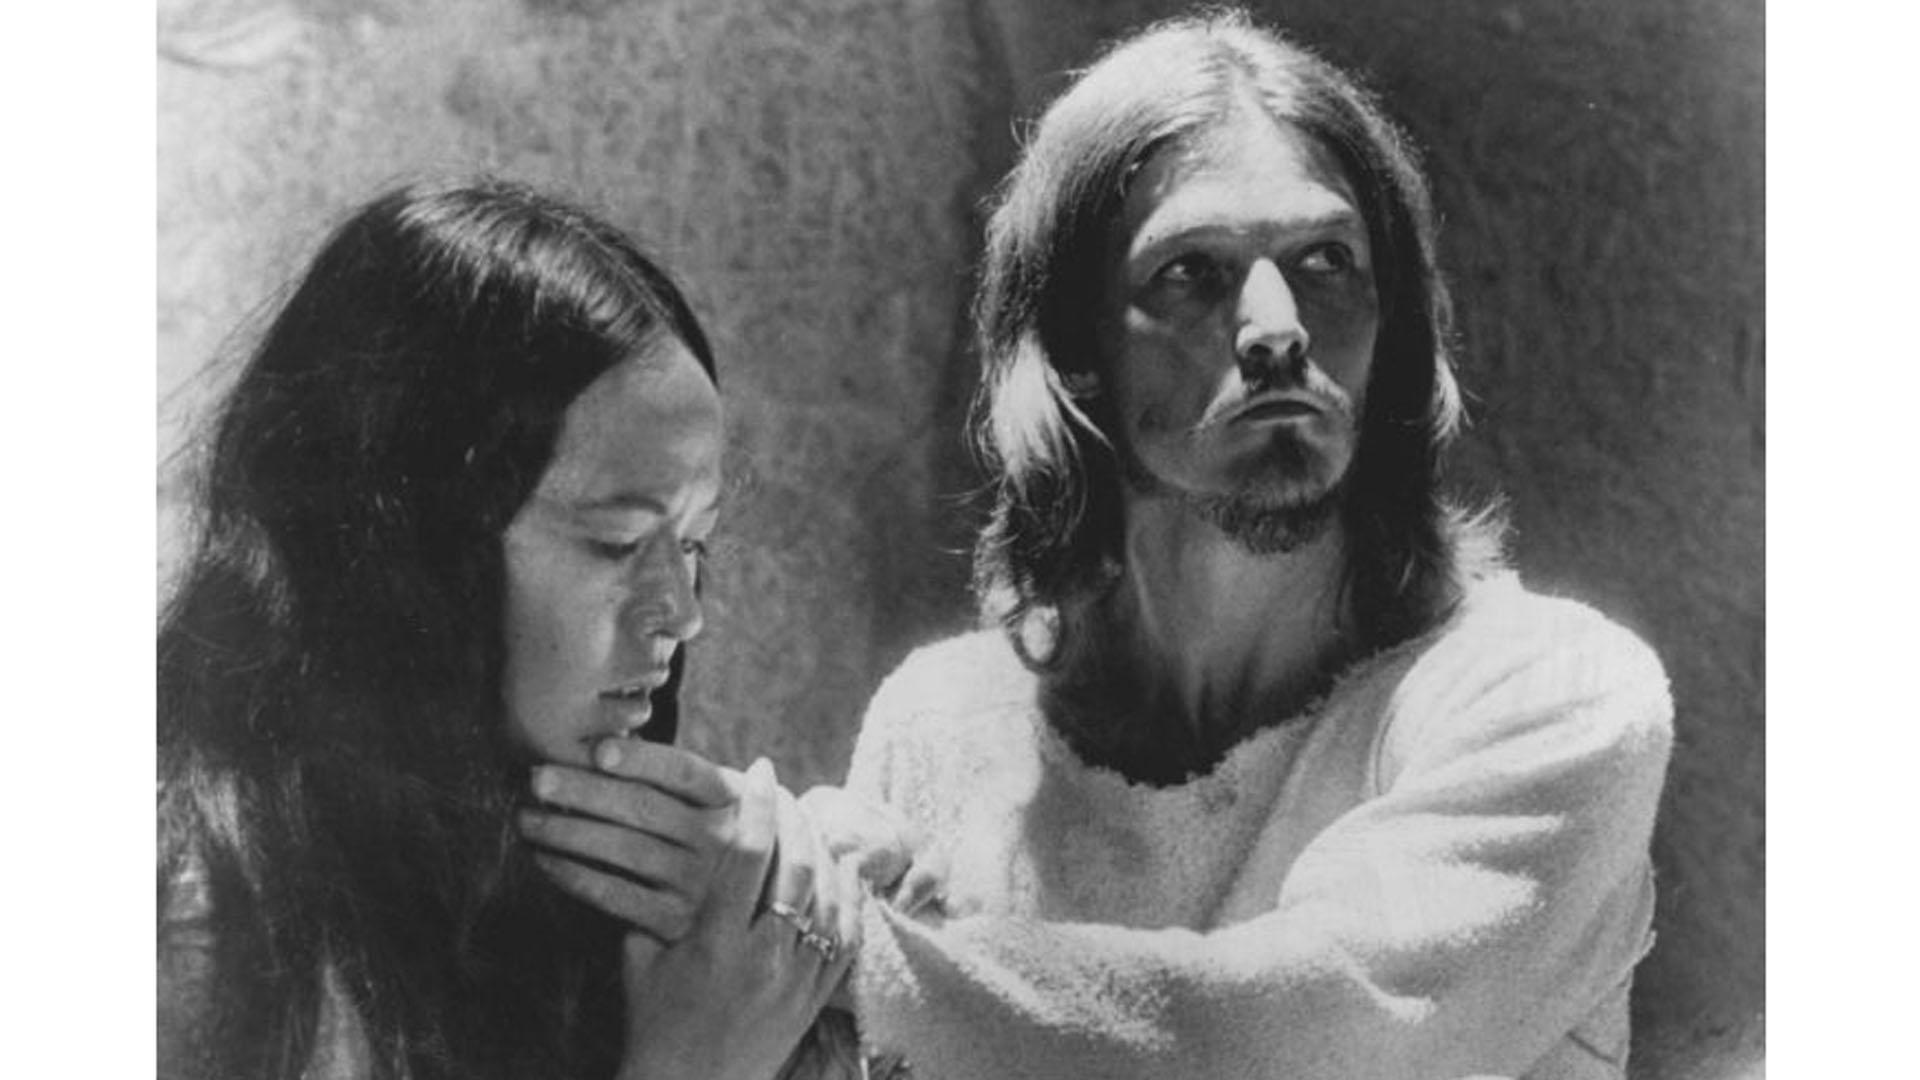 """Verfilmung von """"Jesus Christ Superstar"""": Ted Neeley als Jesus und Yvonne Elliman in der Rolle der Maria Magdalena"""